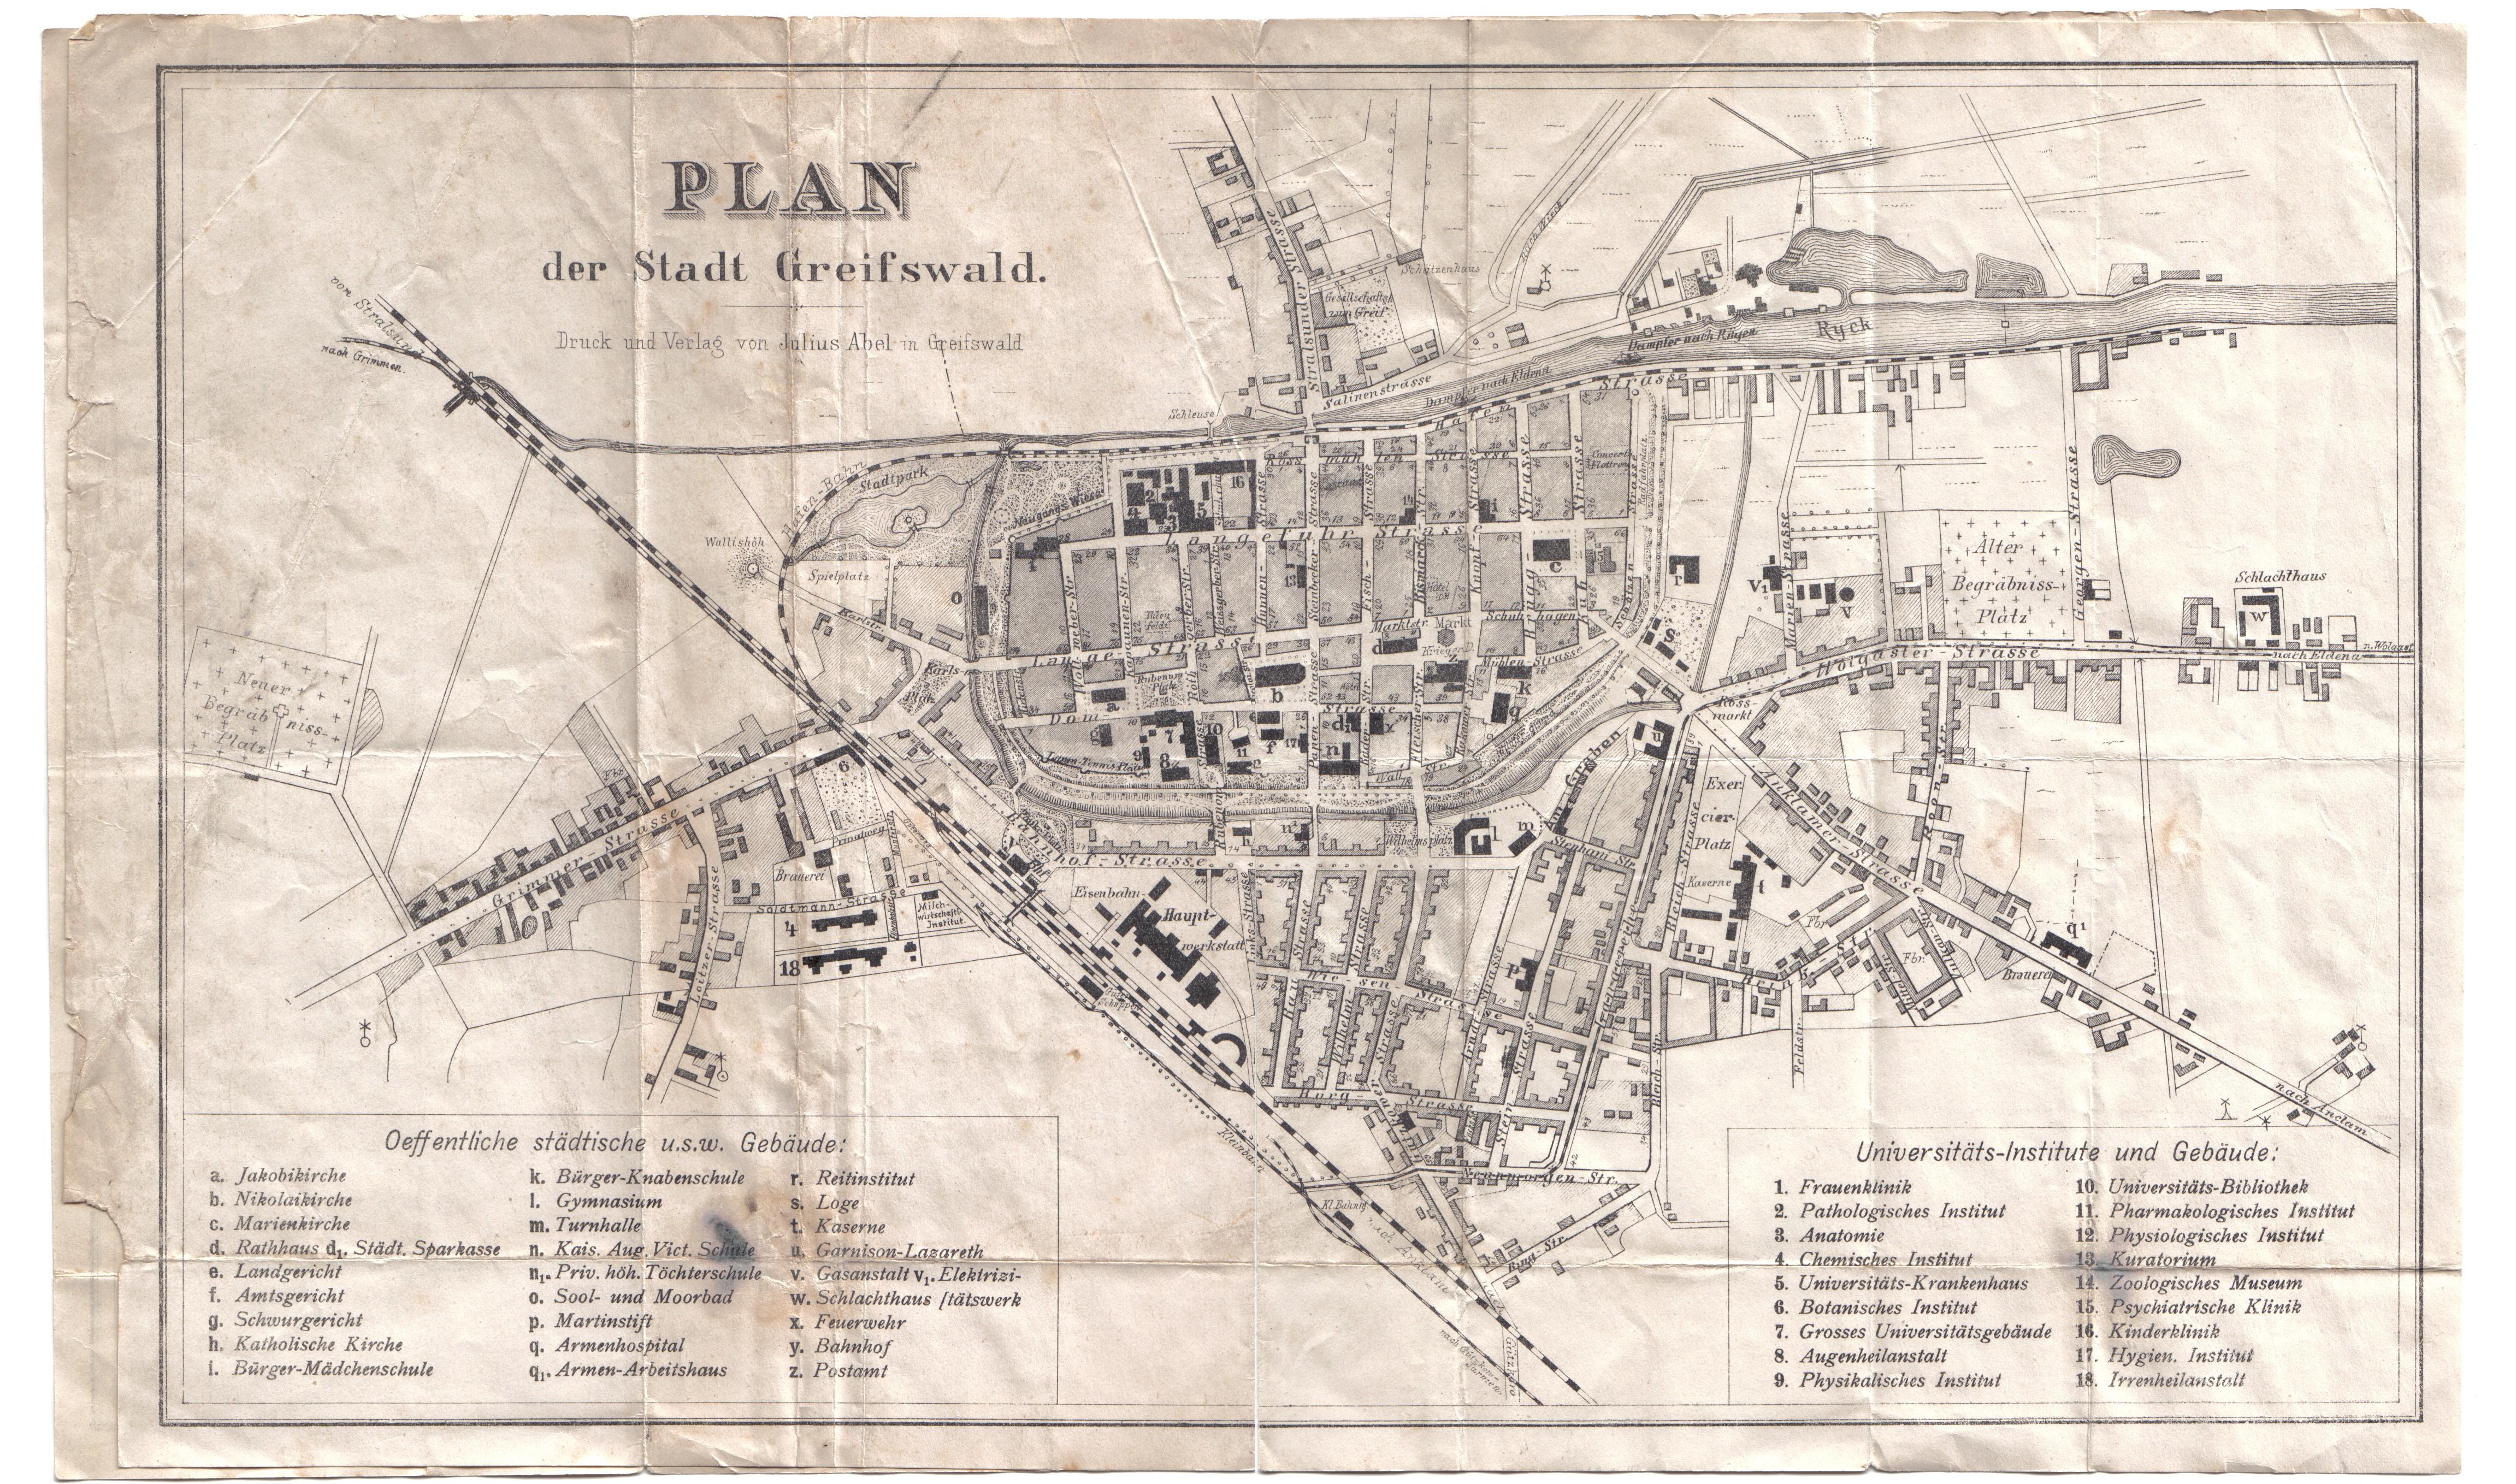 Greifswald Karte.Historischer Plan Der Stadt Greifswald